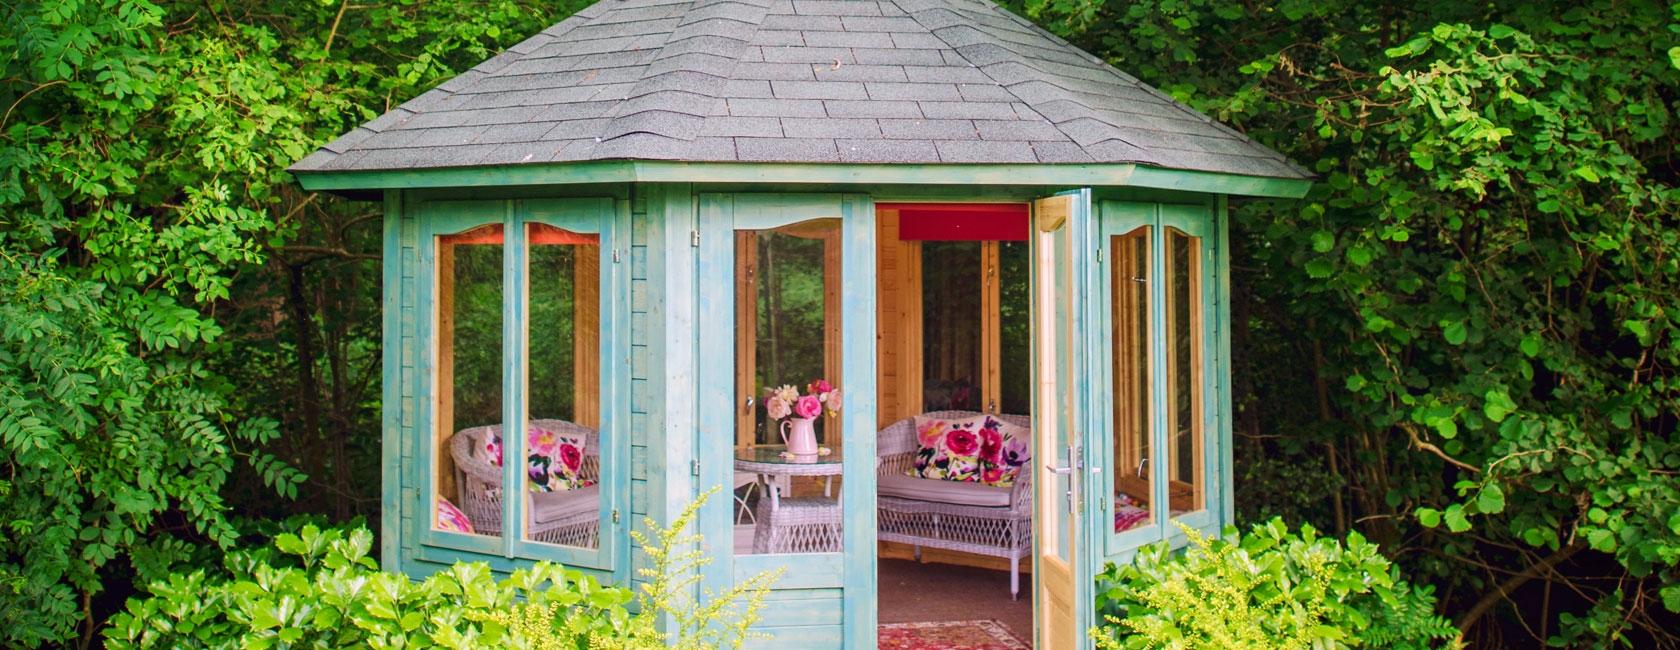 welcome to haydock garden buildings - Garden Sheds Haydock